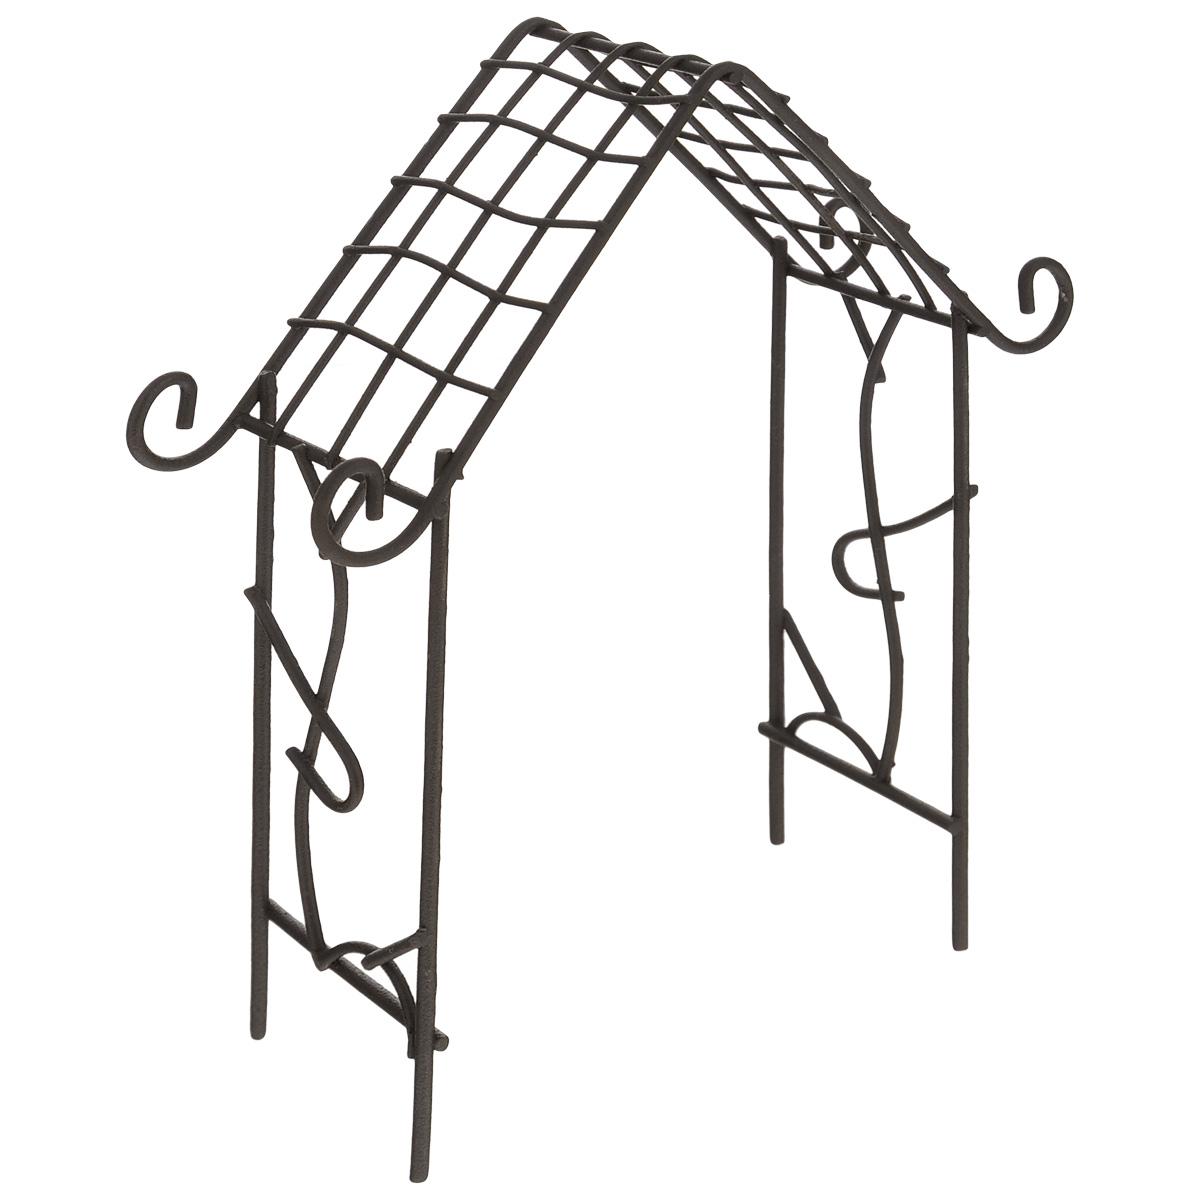 Миниатюра кукольная ScrapBerrys Мини арка-домик, цвет: коричневый, 12,5 см х 4 см х 15,5 см54 009303Миниатюра кукольная ScrapBerrys Мини арка-домик изготовлена из высококачественного металла в виде небольшой арки.Изделие украшено изящными коваными завитками.Такая миниатюра прекрасно подойдет для декорирования кукольных домиков, а также для оформления работ в самых различных техниках. С ее помощью можно обставлять румбокс. Можно использовать в шэдоубоксах или просто как изысканные украшения для скрап-работ.Размер изделия: 12,5 см х 4 см х 15,5 см.